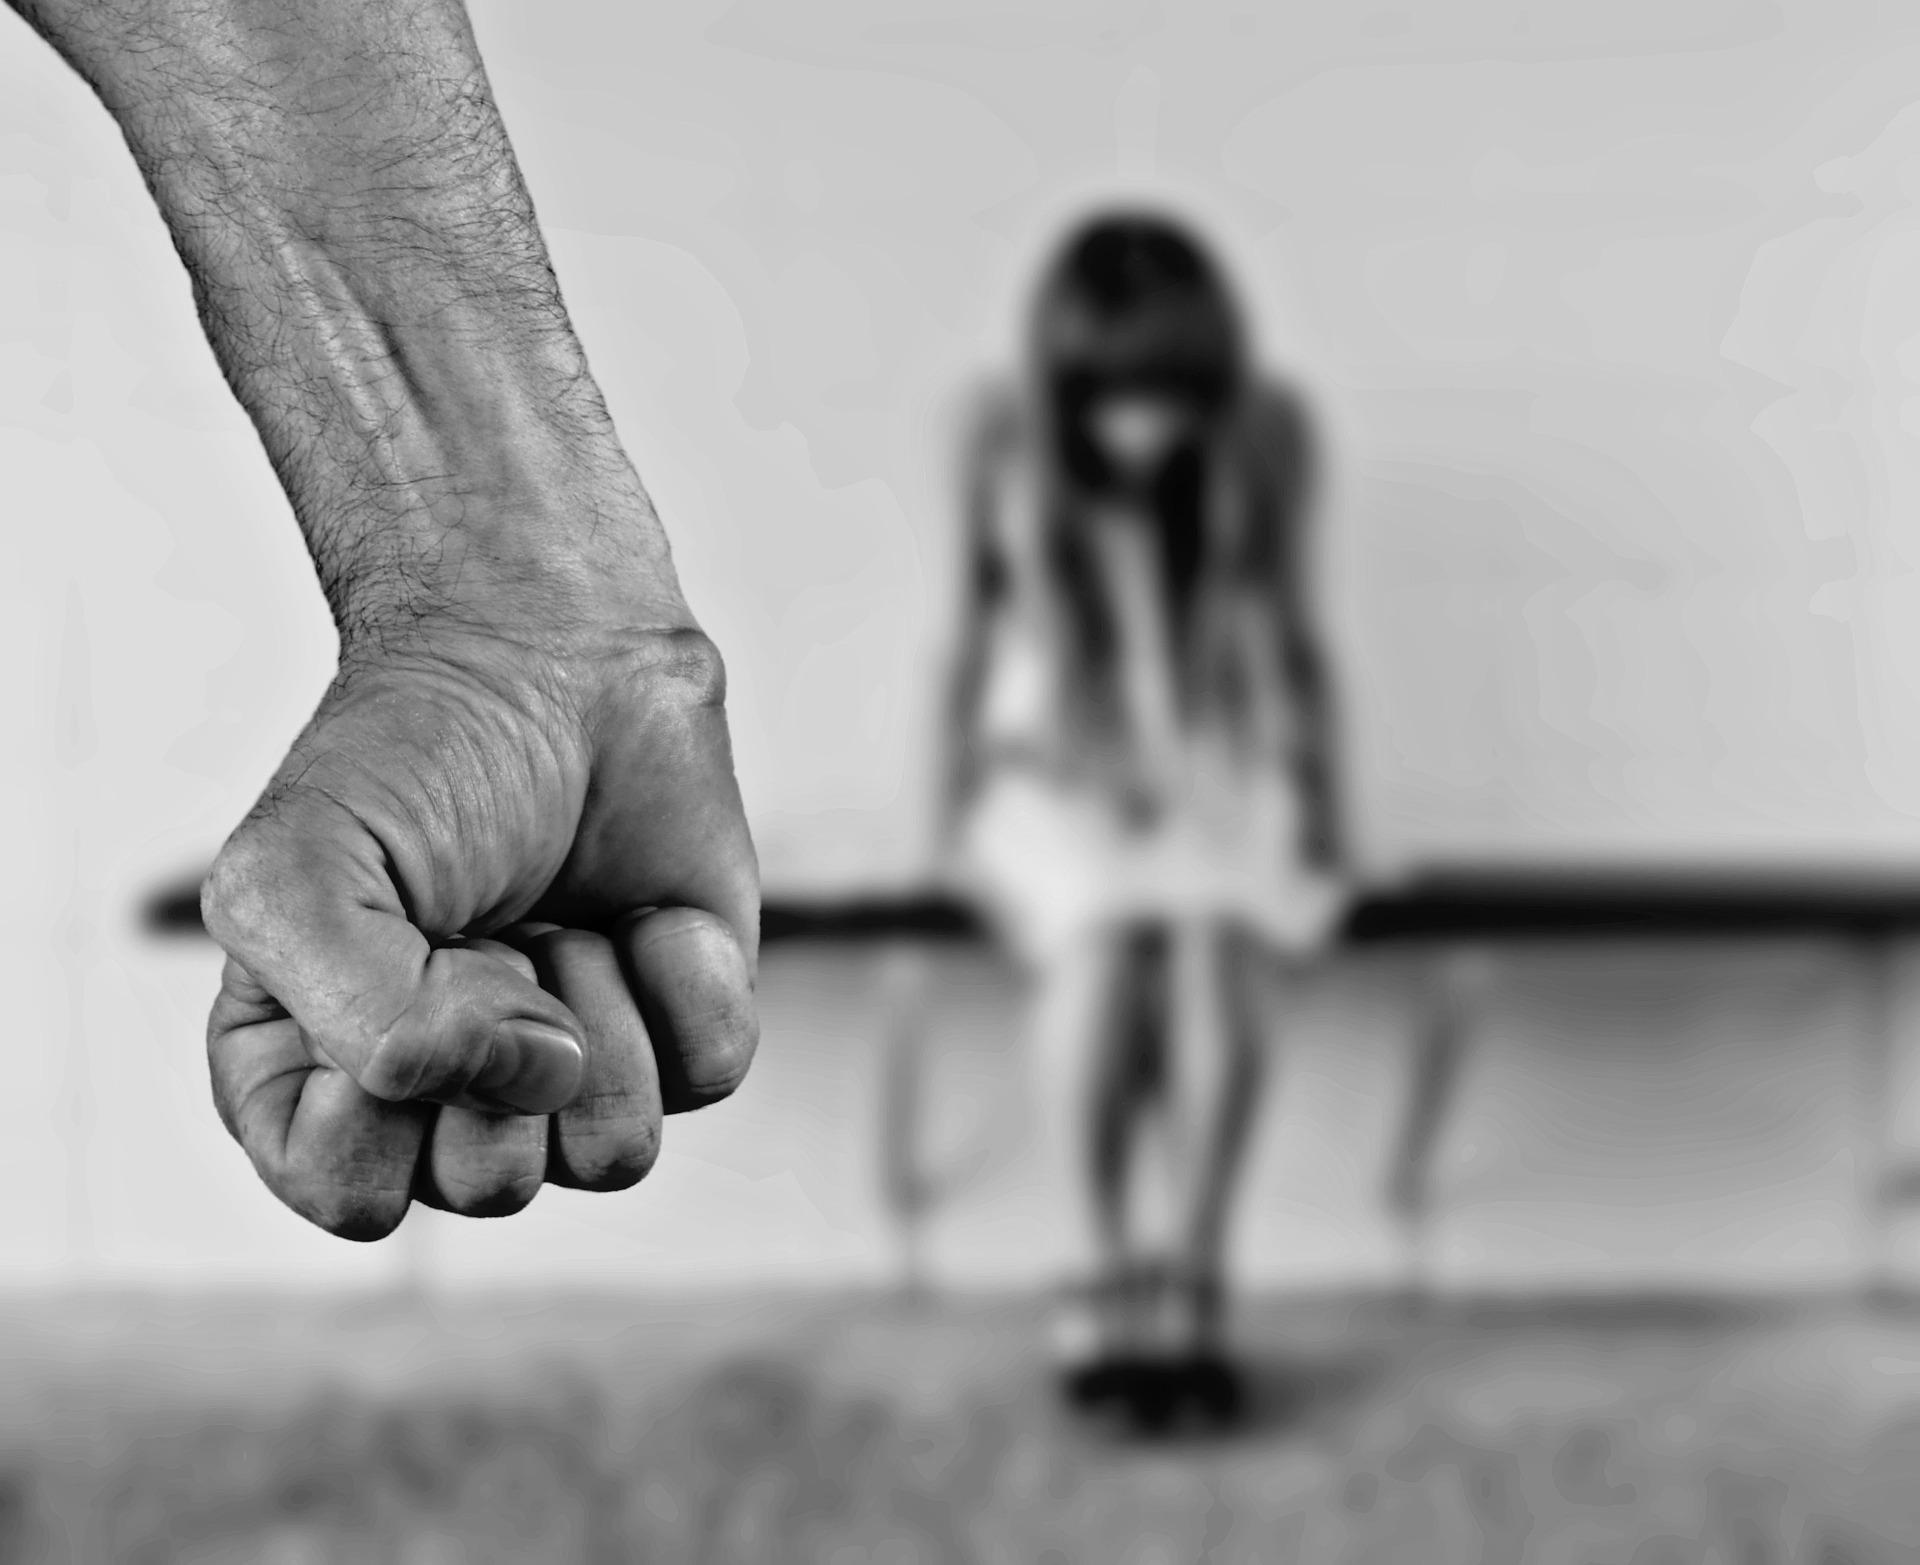 La urgente necesidad de legislar contra la violencia en el pololeo